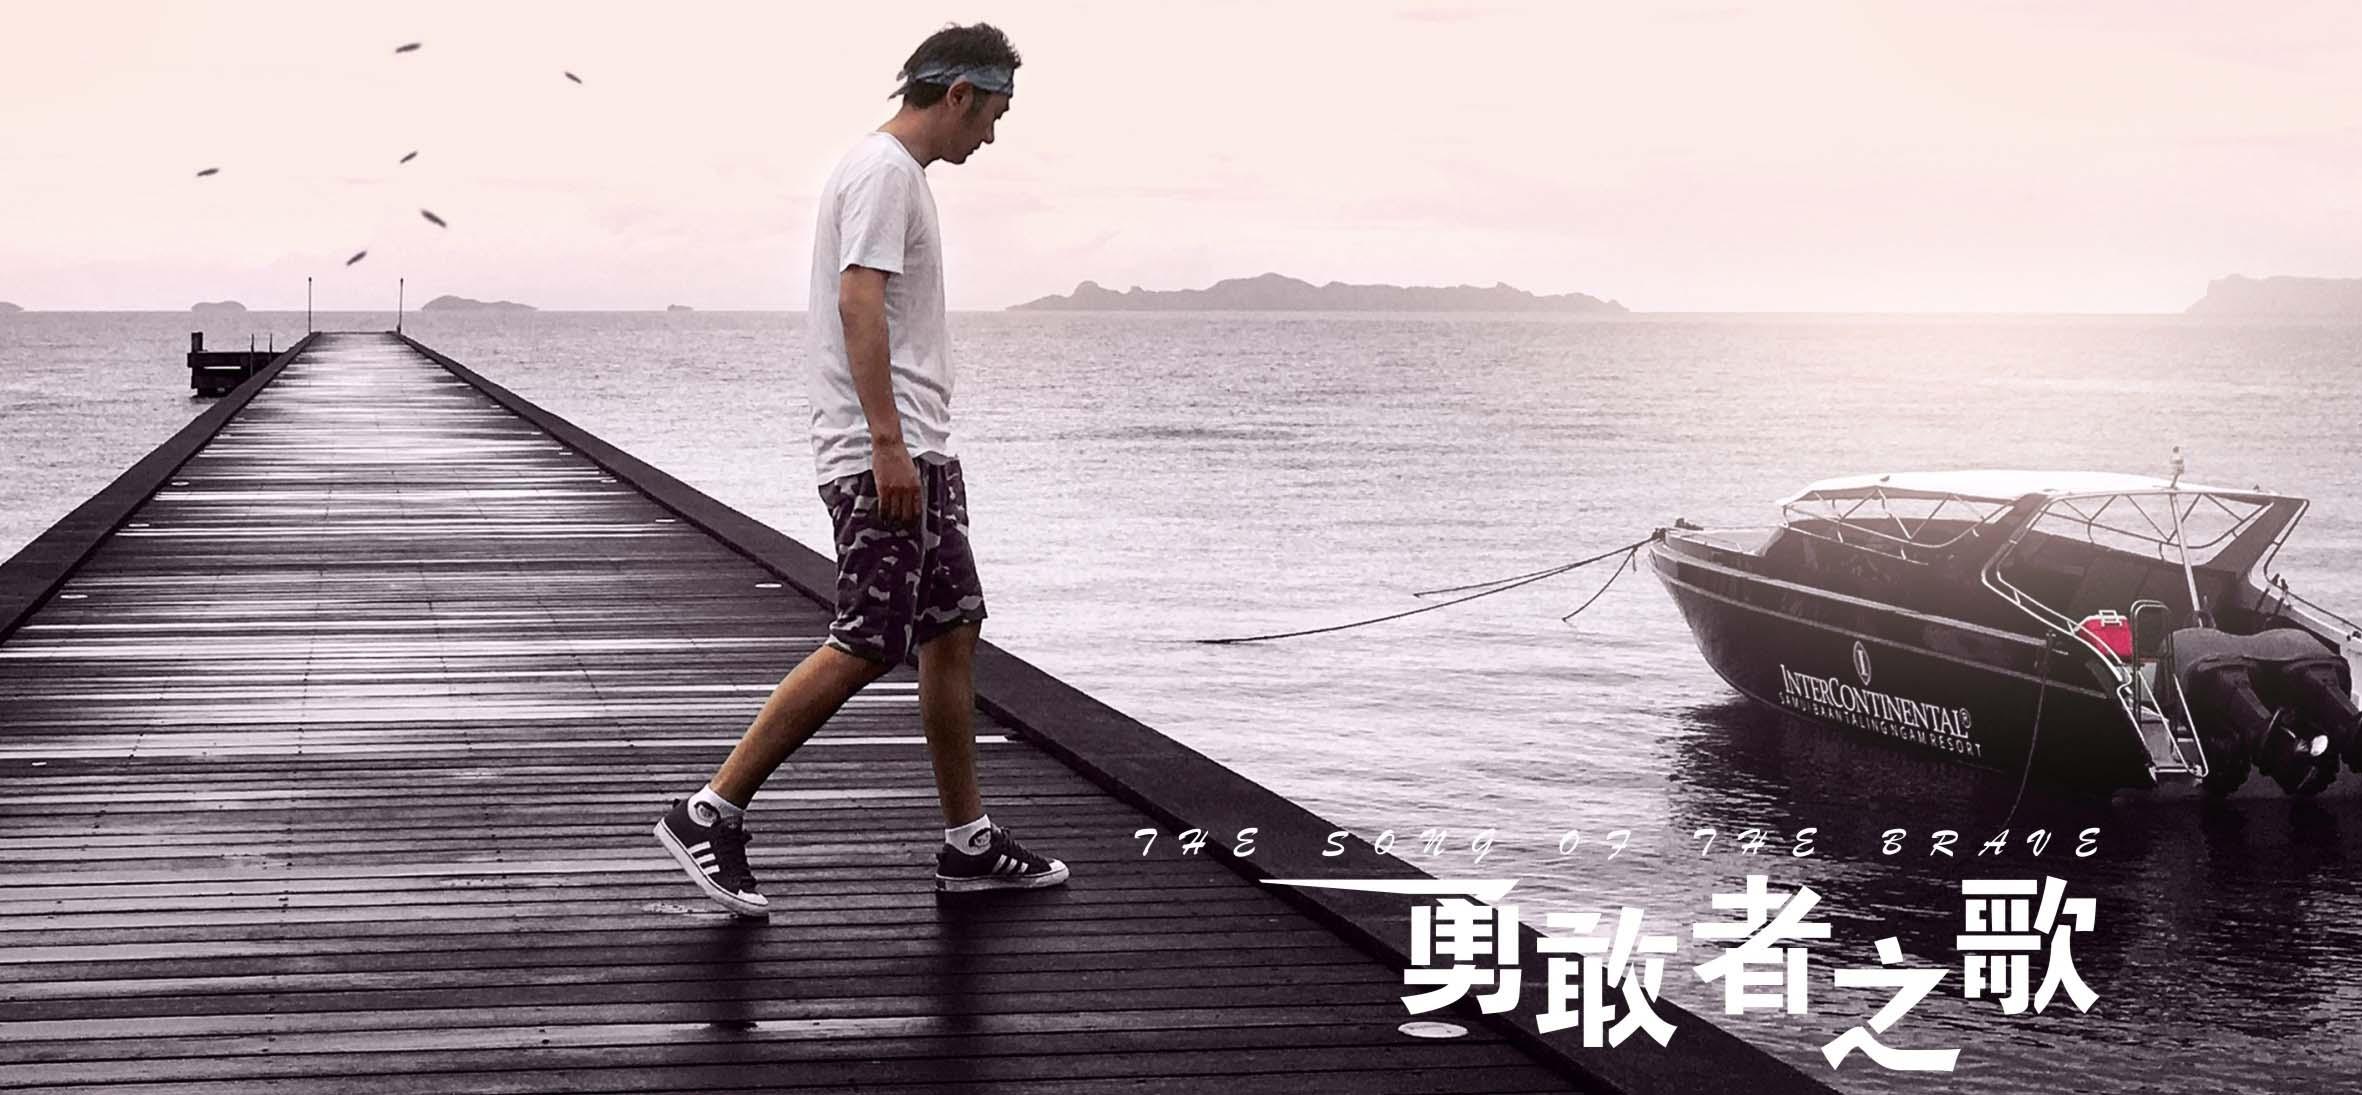 王梵瑞新歌《勇敢者之歌》正式上线